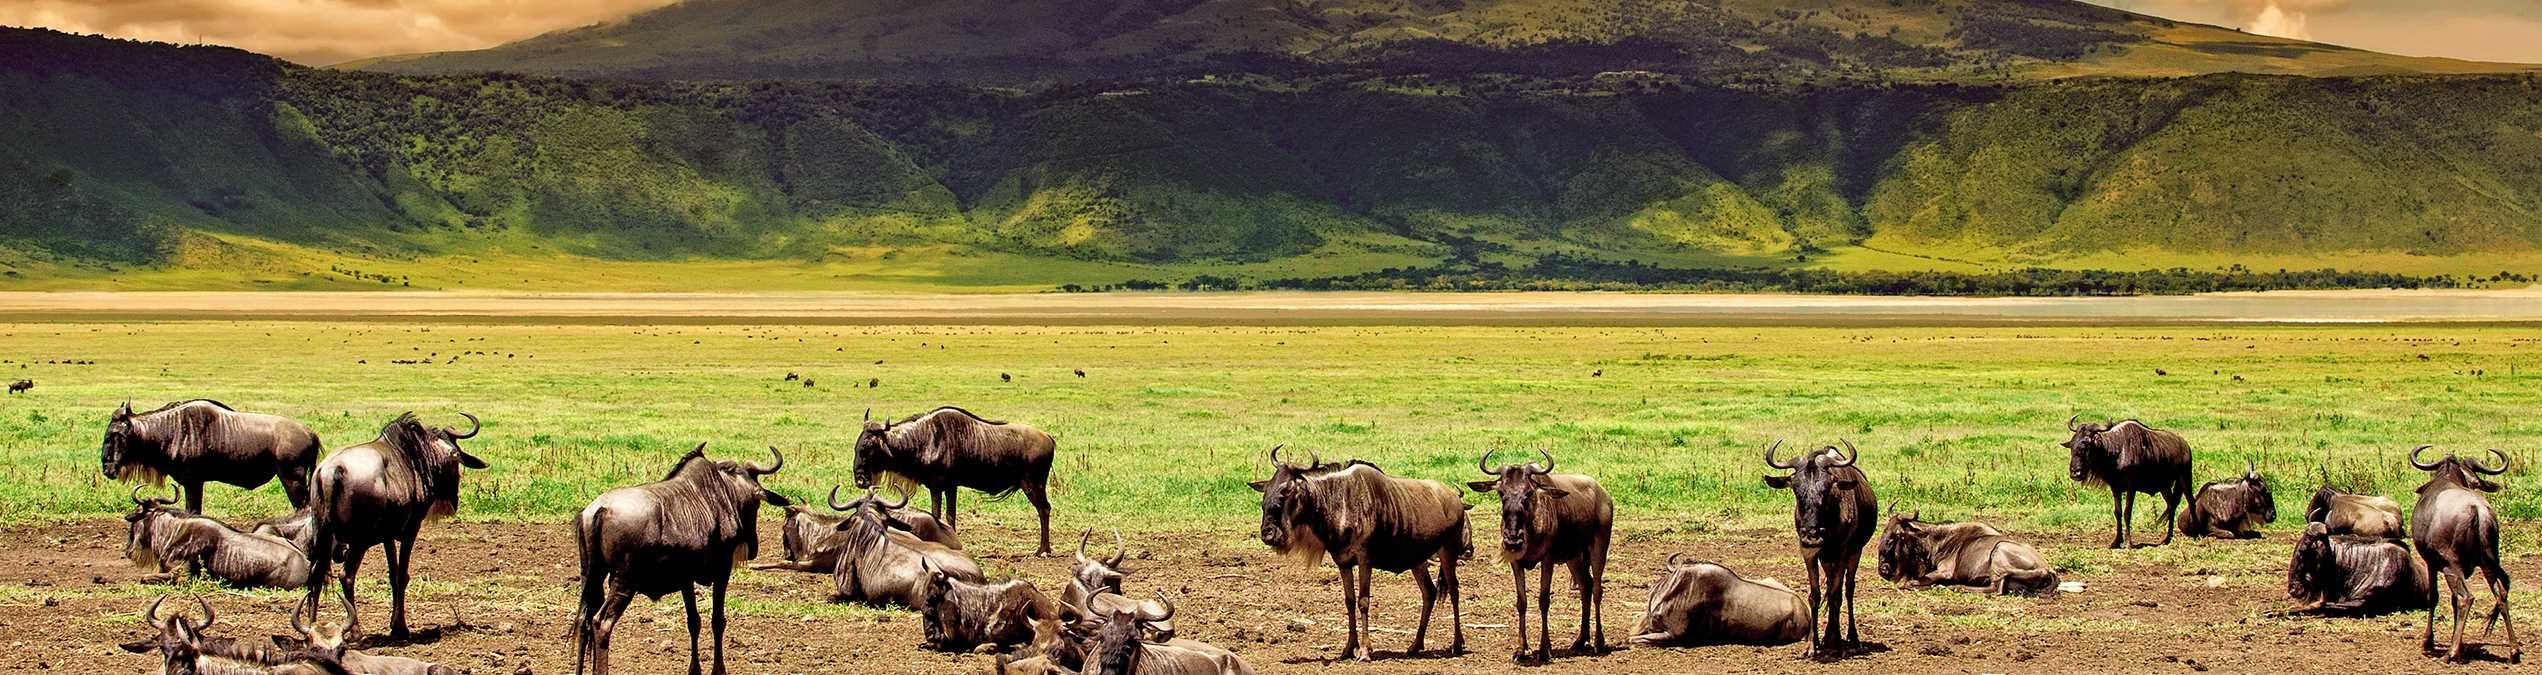 Safari Club - tanzania